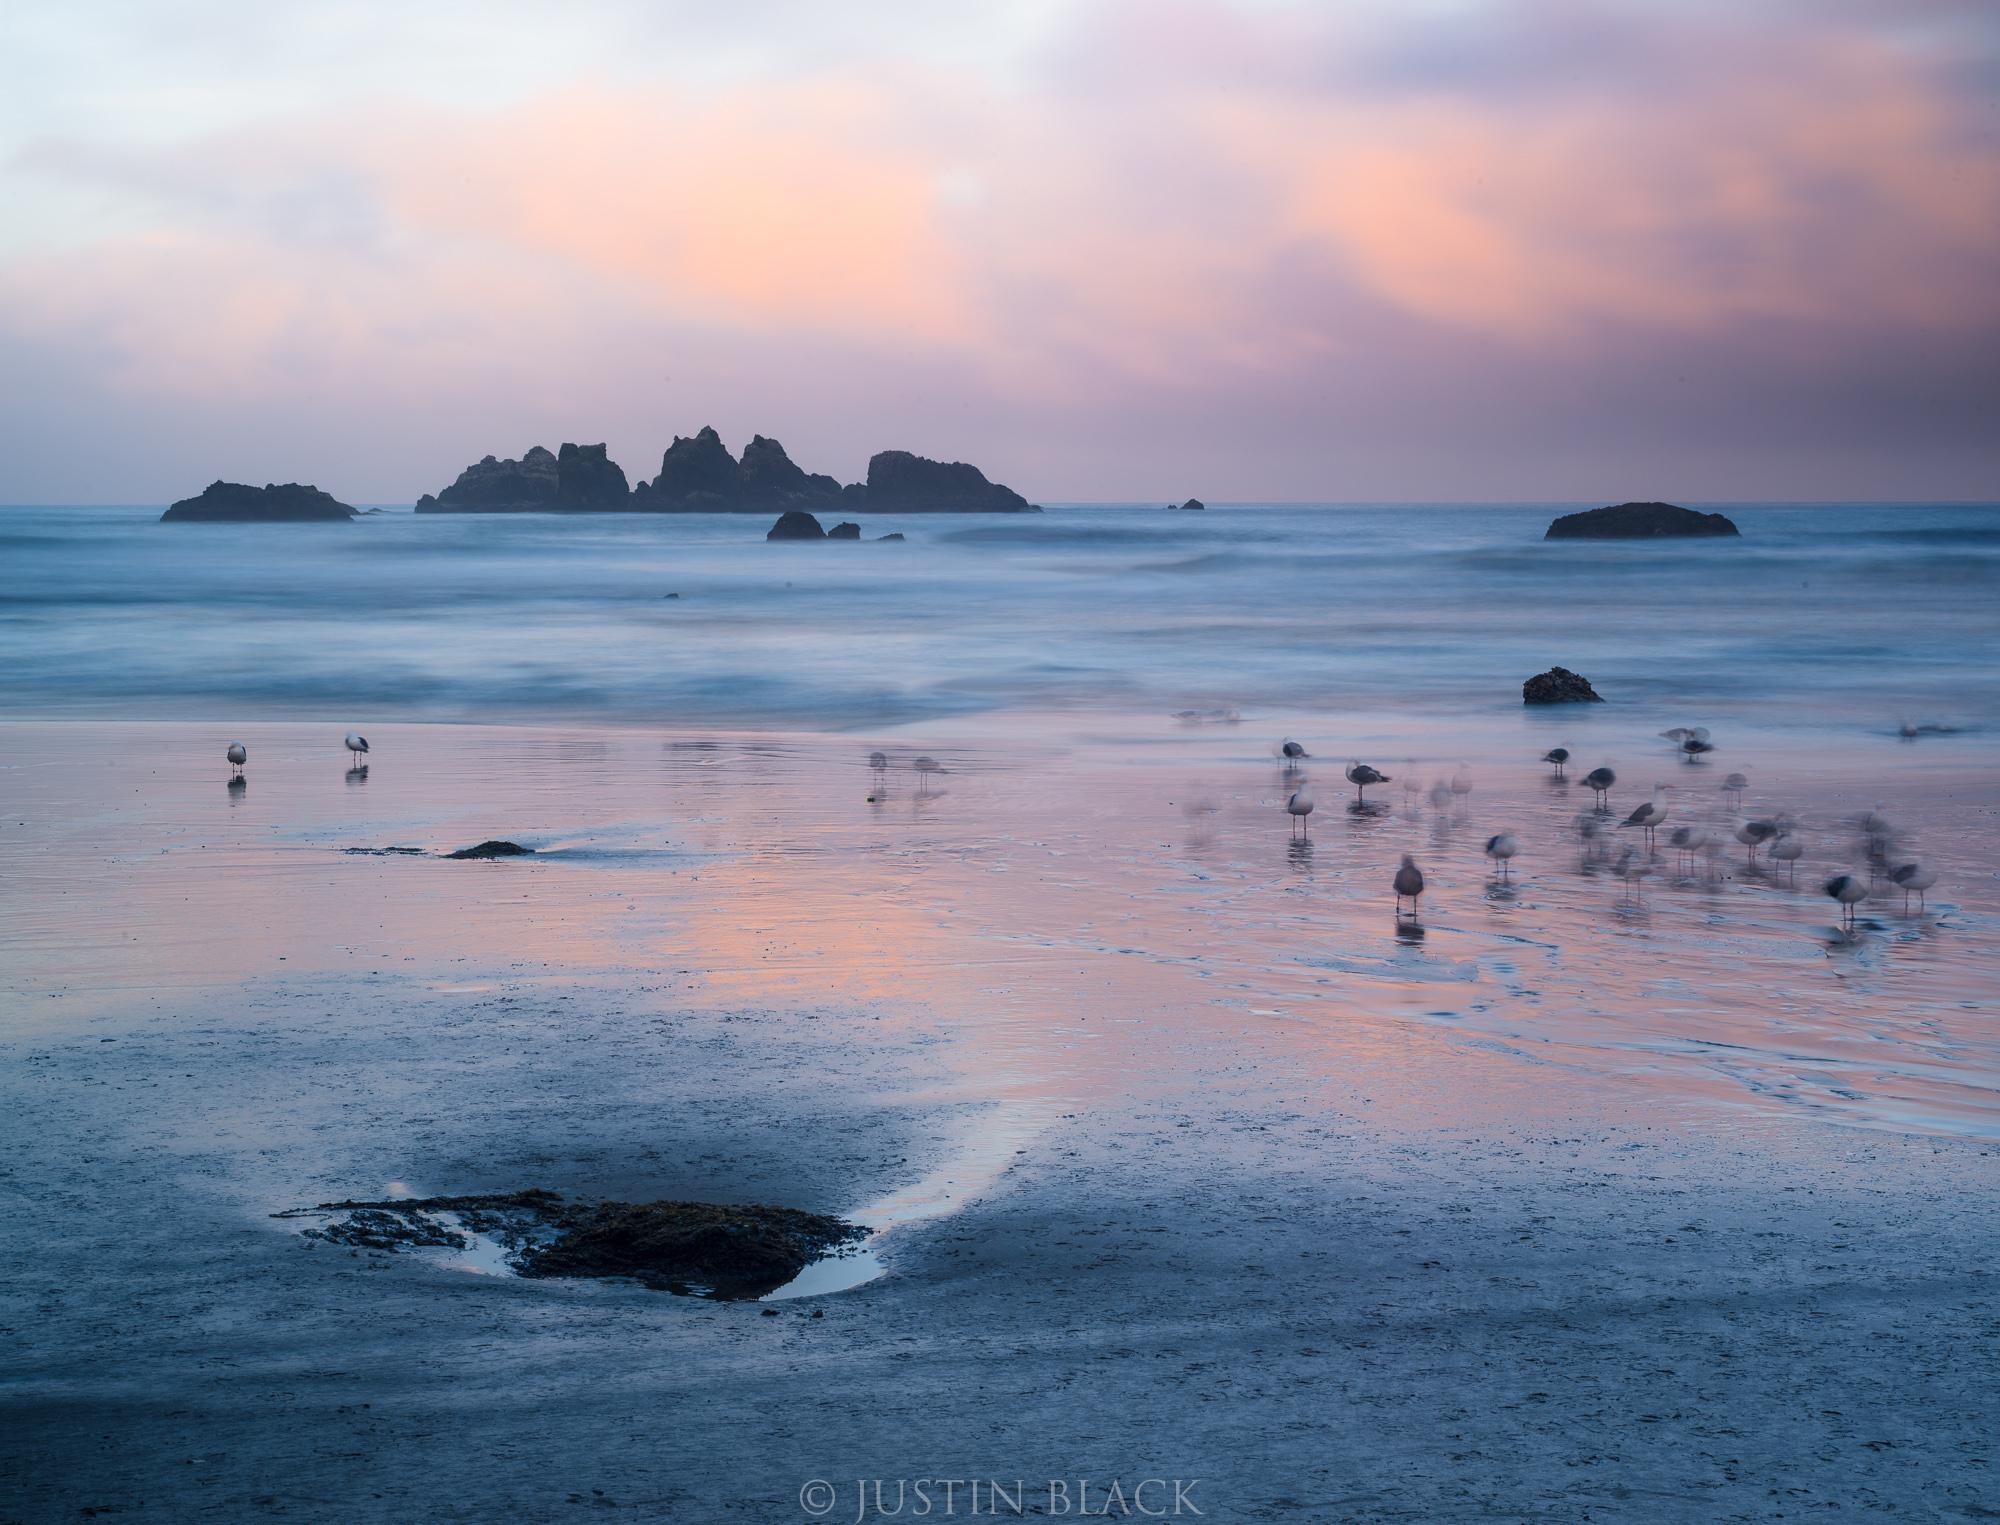 photography tips oregon coast 1 image